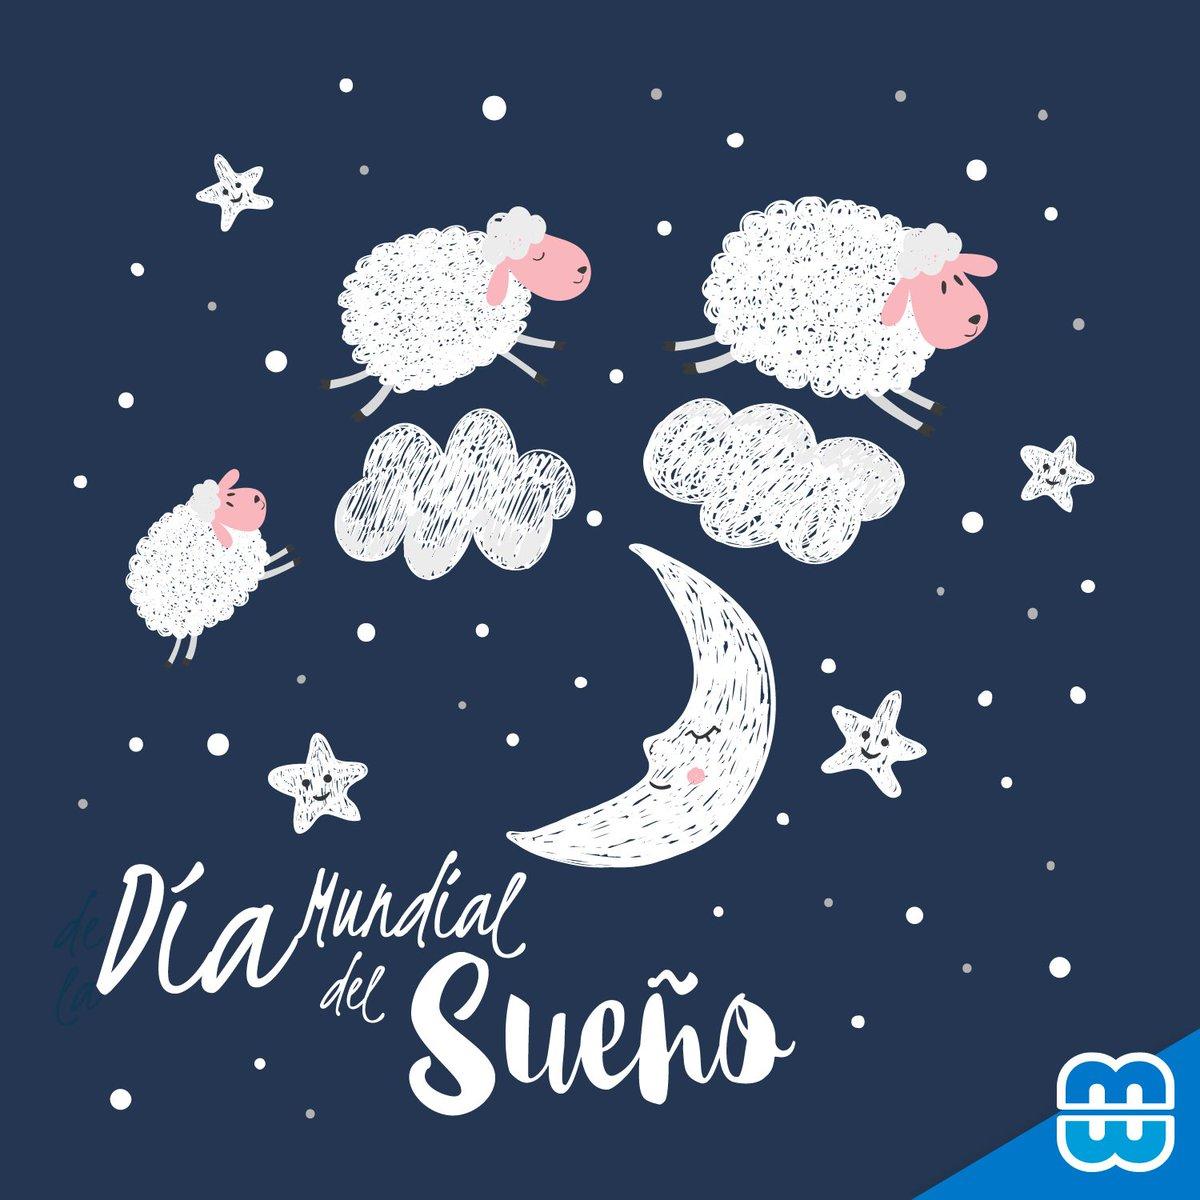 Mejorconweb's photo on #sueño